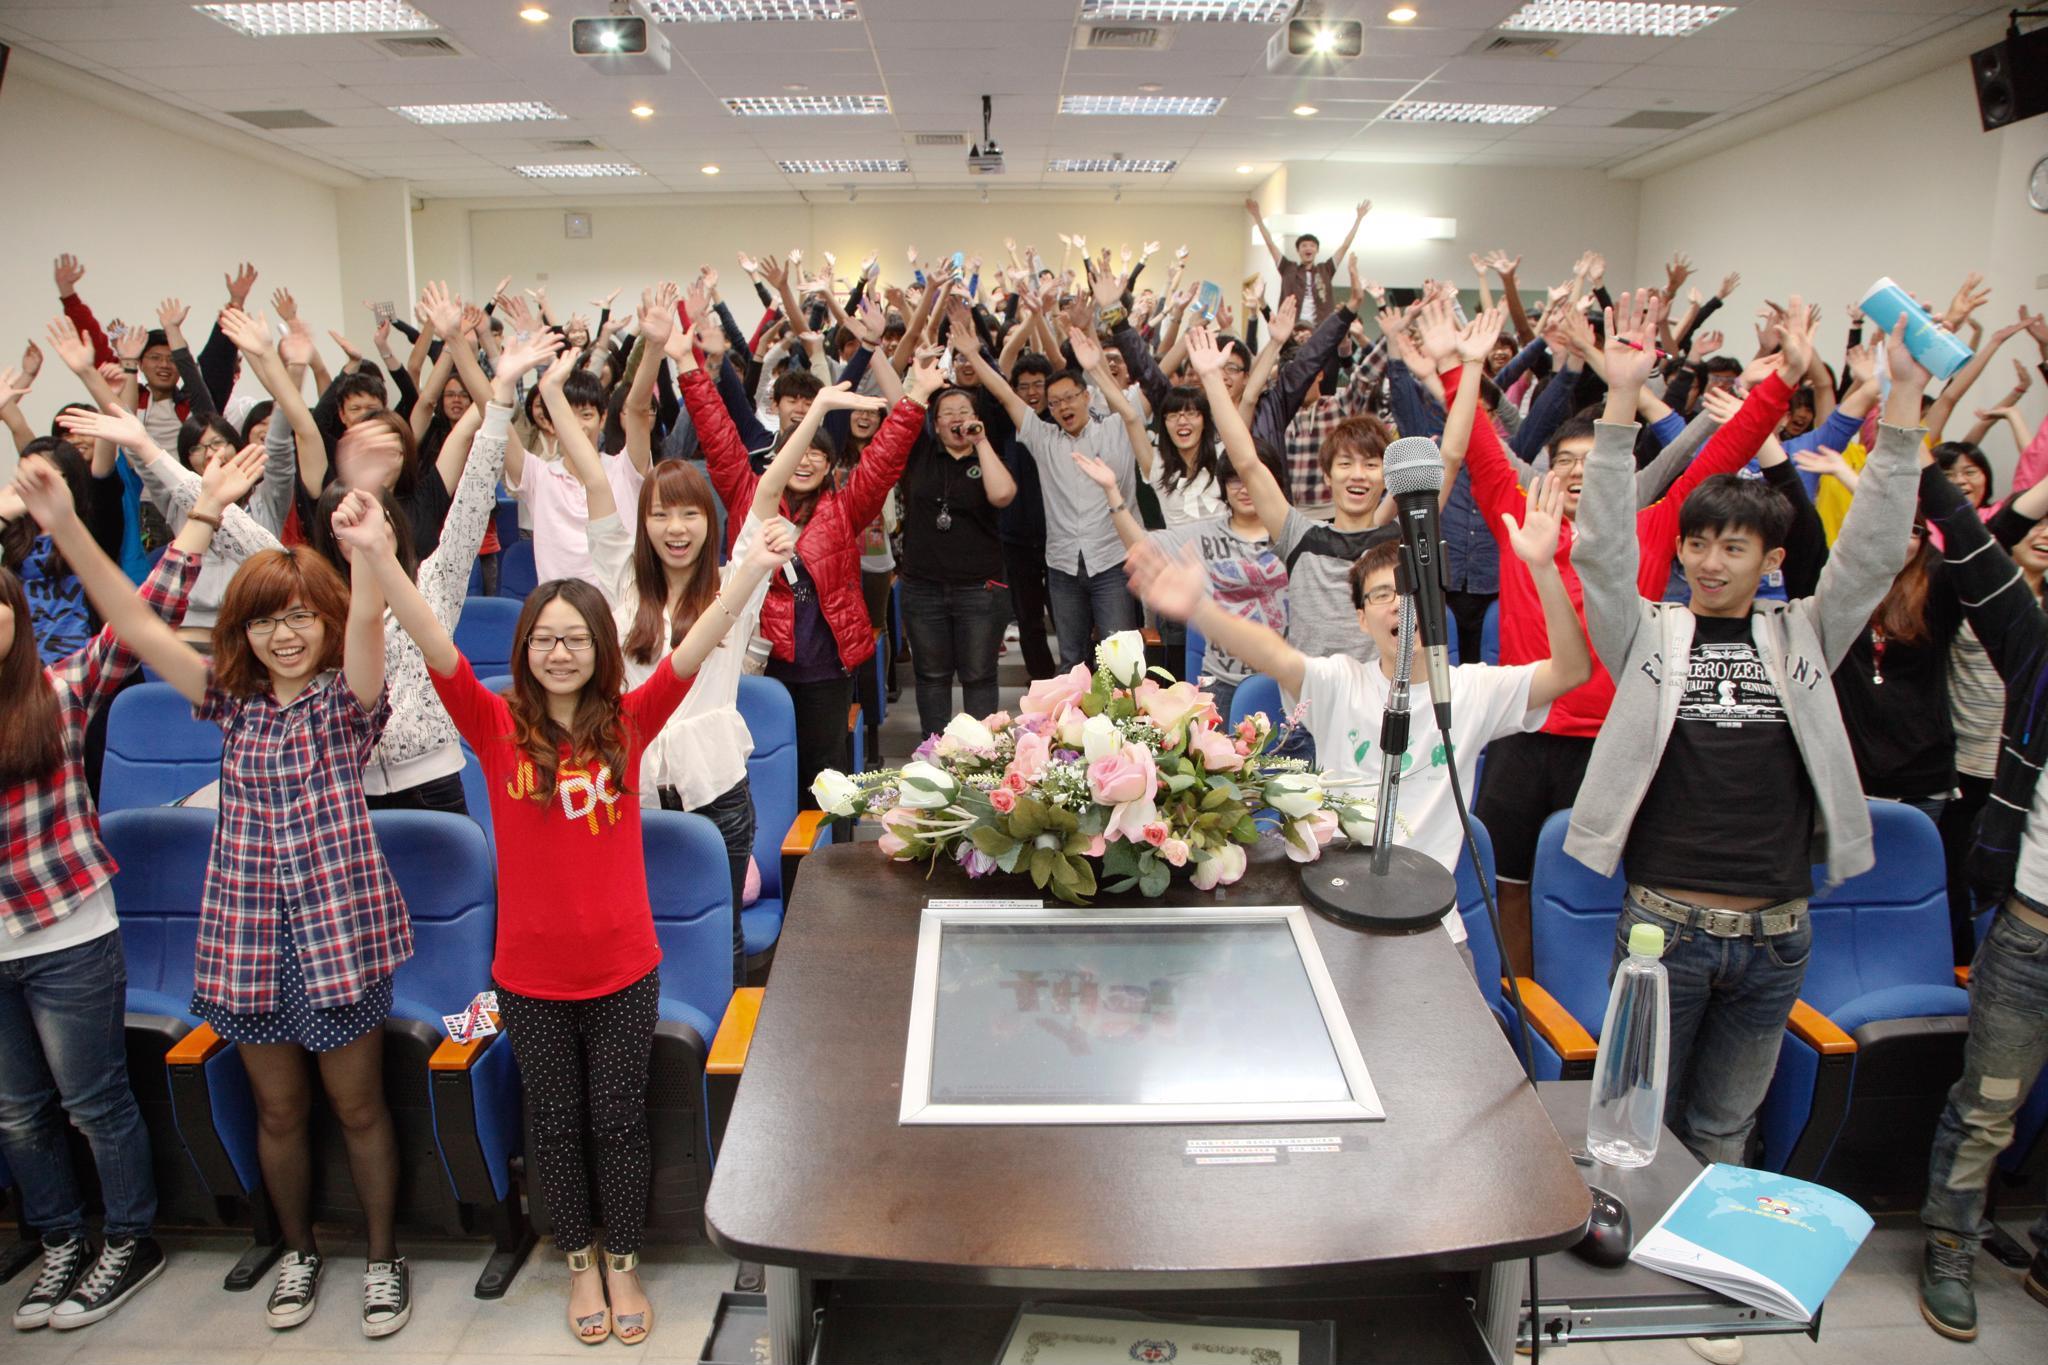 翻閱世界 翻轉地球--100-2海外服務學習營